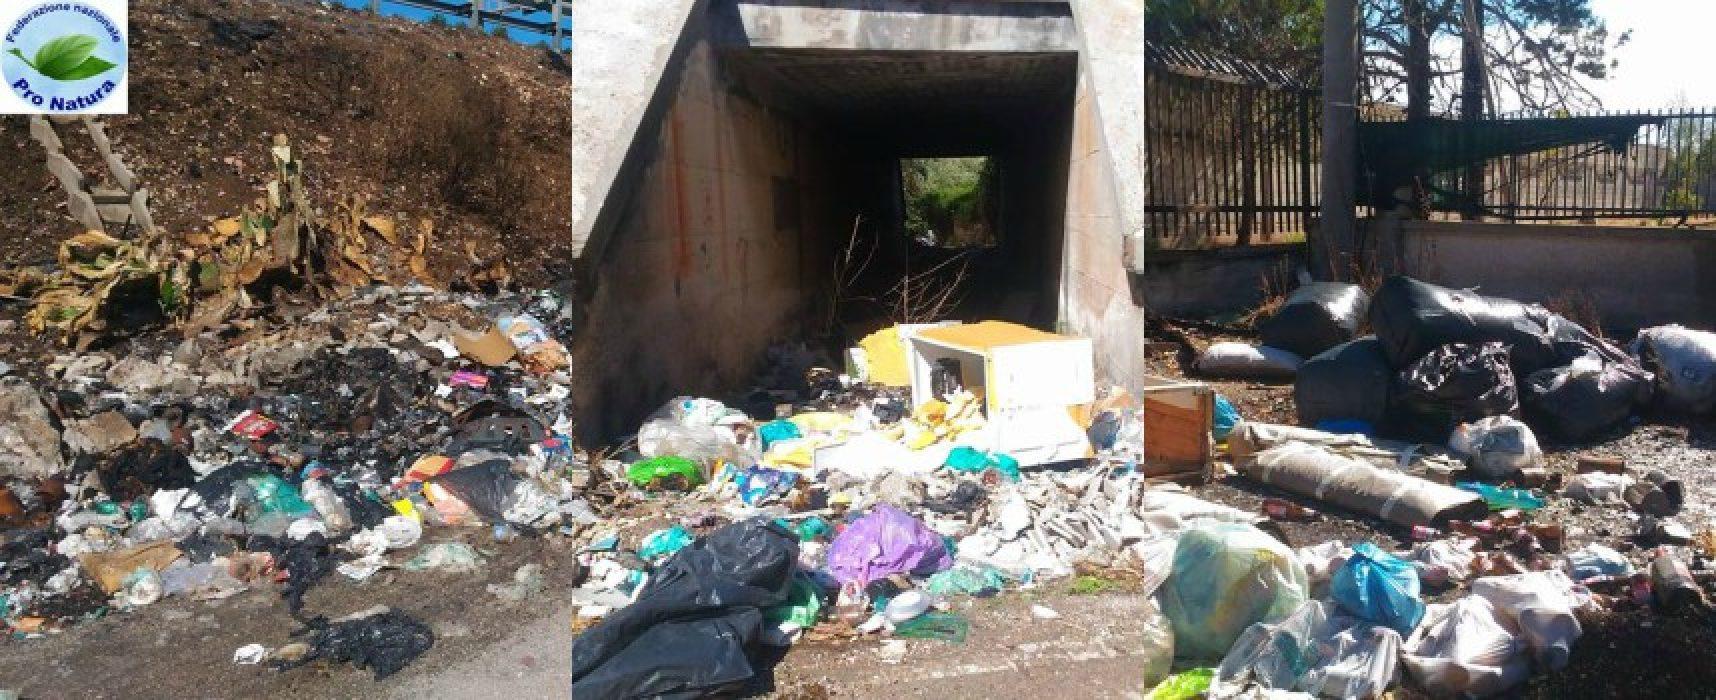 """Abbandono rifiuti, Mauro Sasso: """"Situazione peggiorata, intere vie invase da spazzatura"""" / FOTO"""